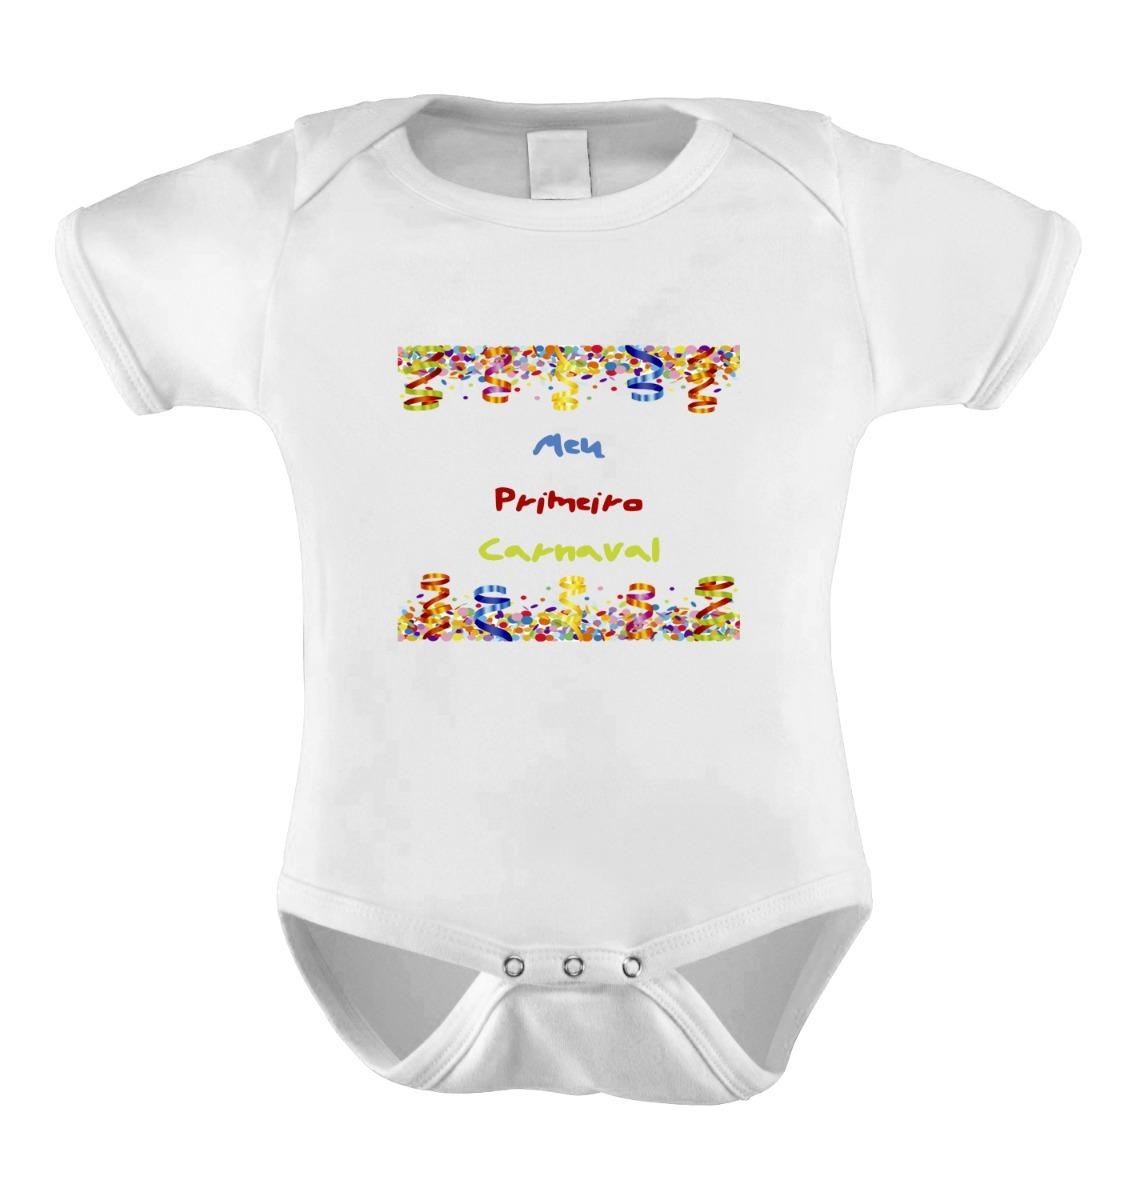 Body Infantil Bebê Personalizado Frases Divertido Carnaval